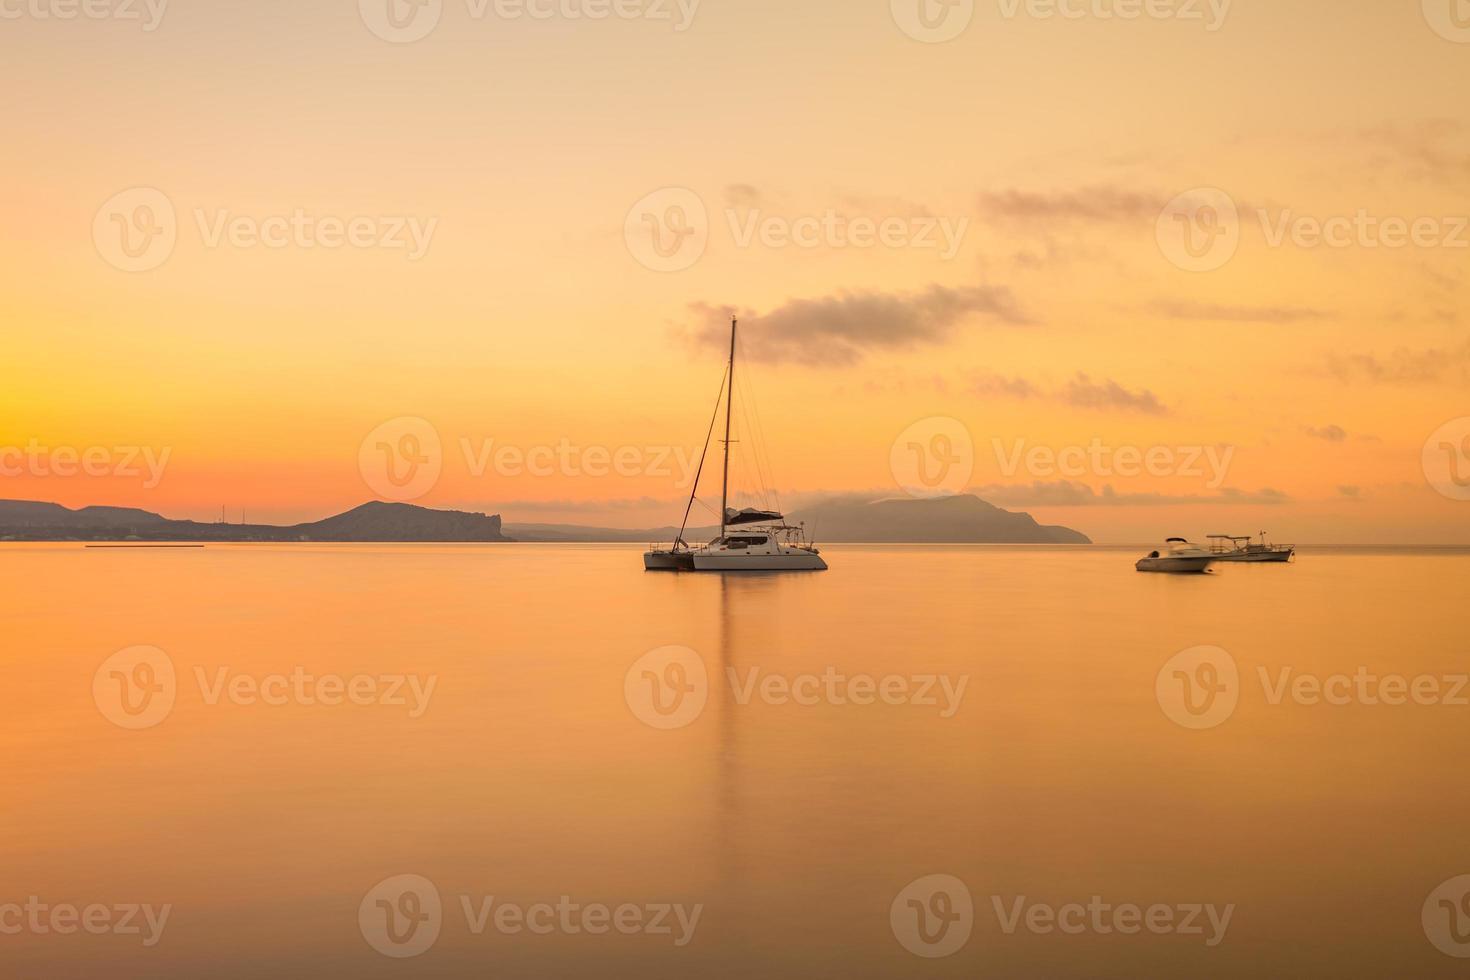 minimalistisch zeegezicht. kust zonsopgang. foto